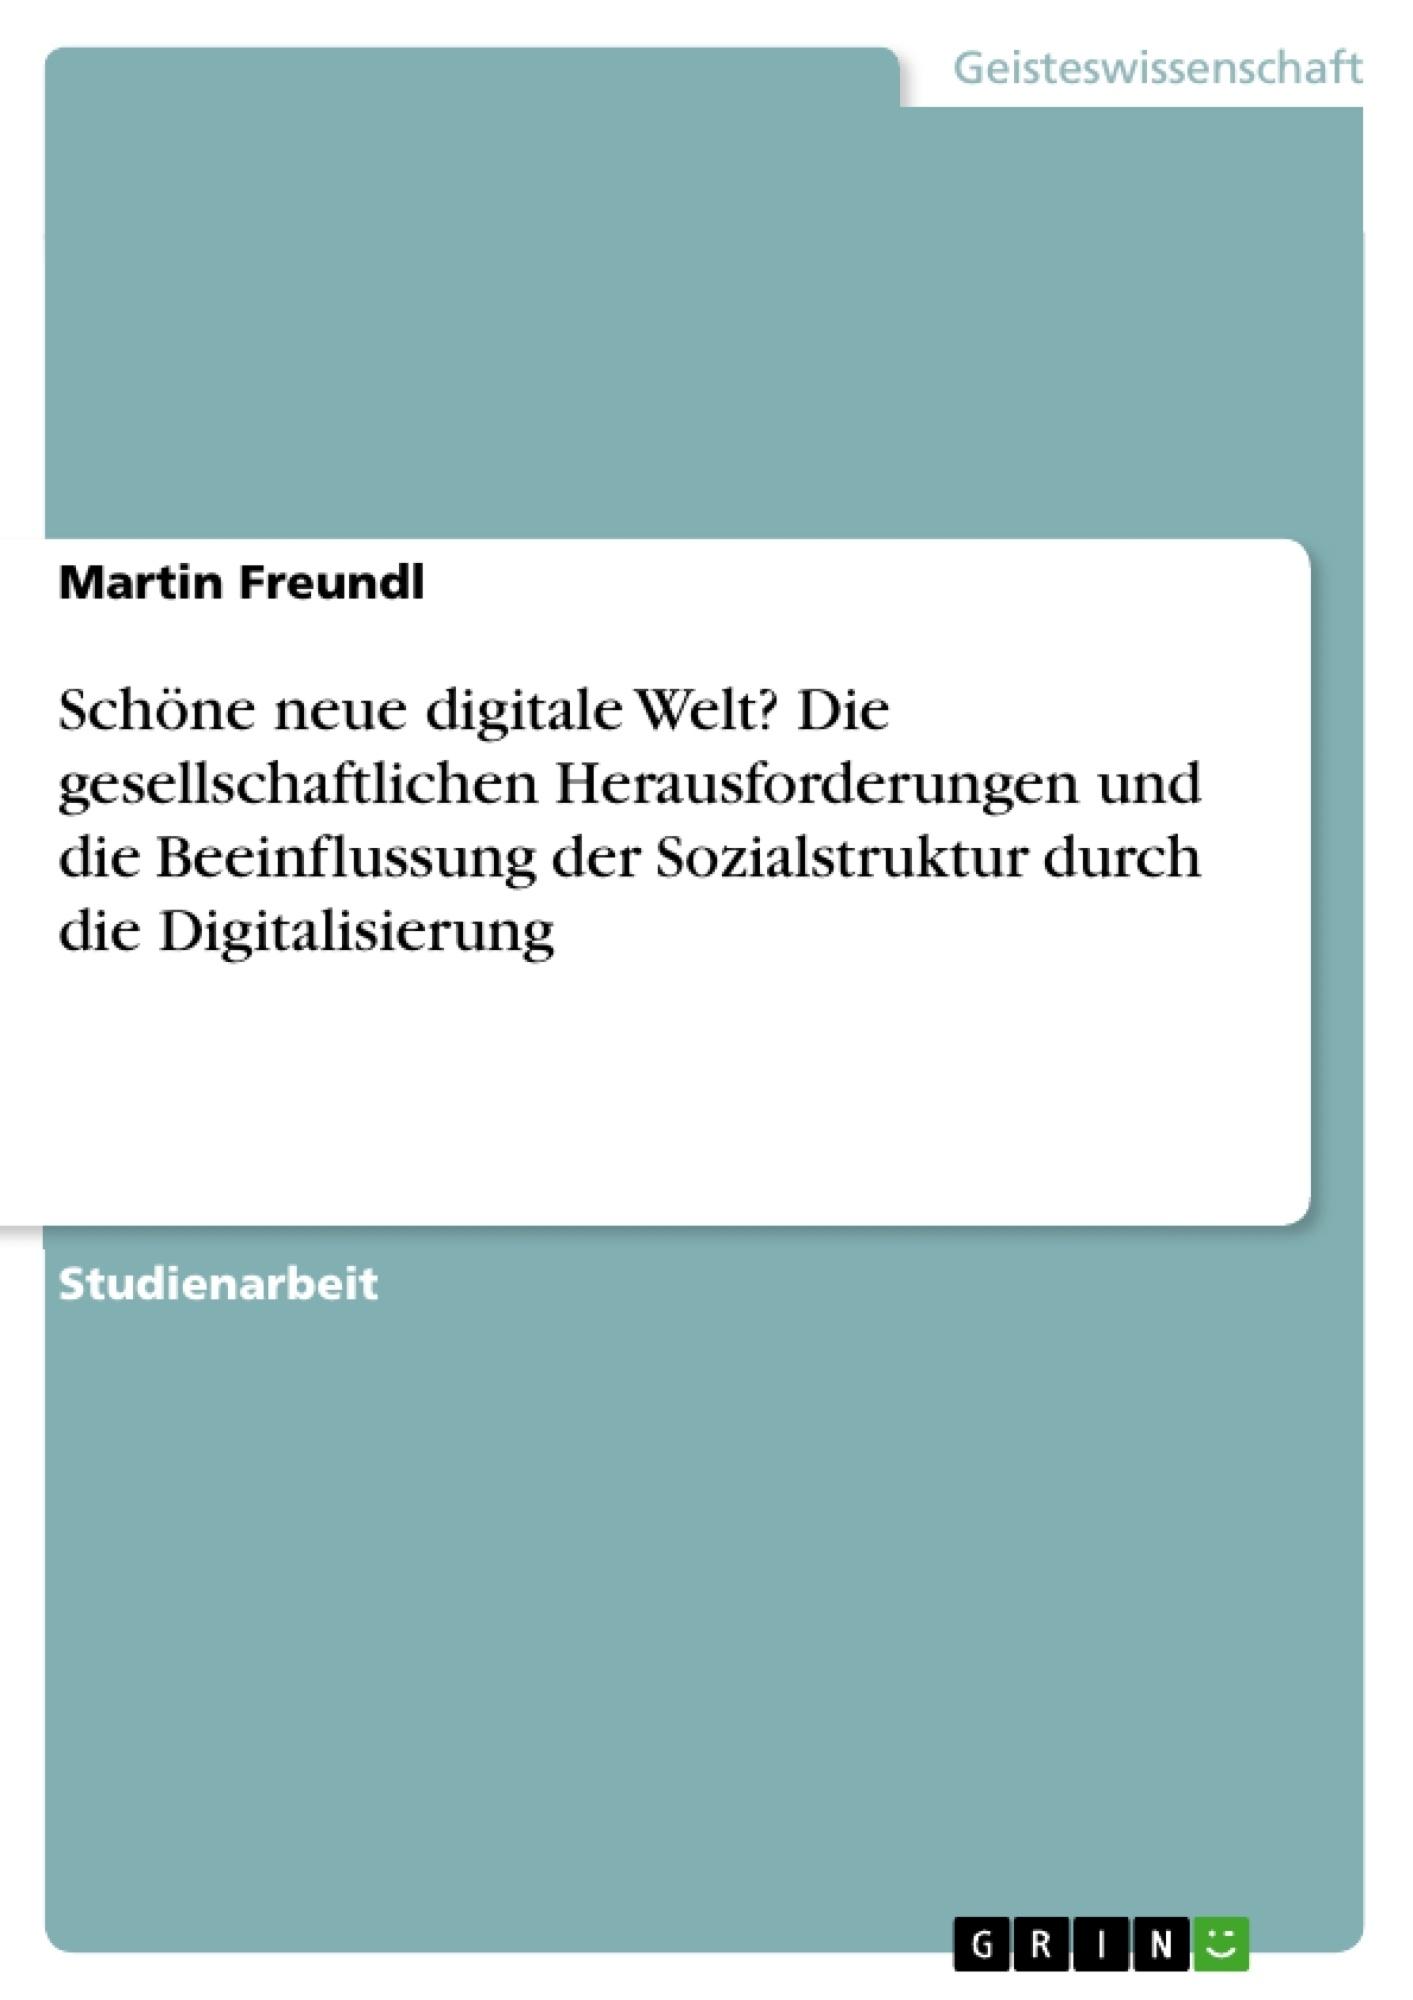 Titel: Schöne neue digitale Welt? Die gesellschaftlichen Herausforderungen und die Beeinflussung der Sozialstruktur durch die Digitalisierung